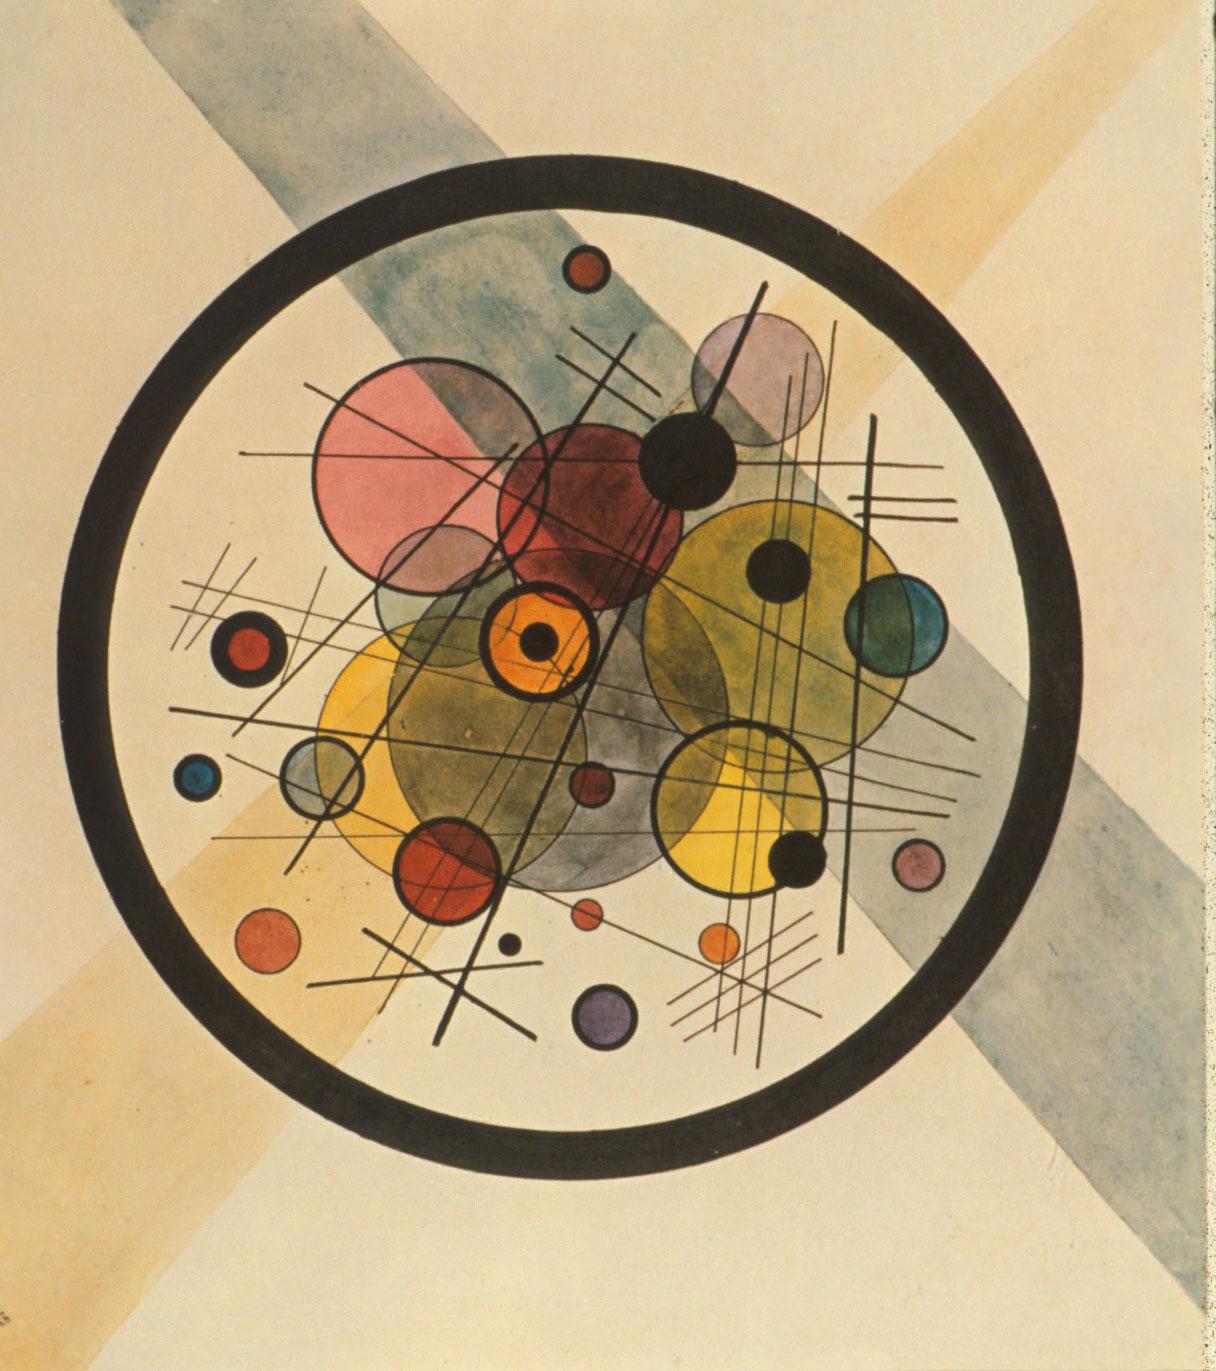 Círculos en un círculo, W. Kandinsky 1923